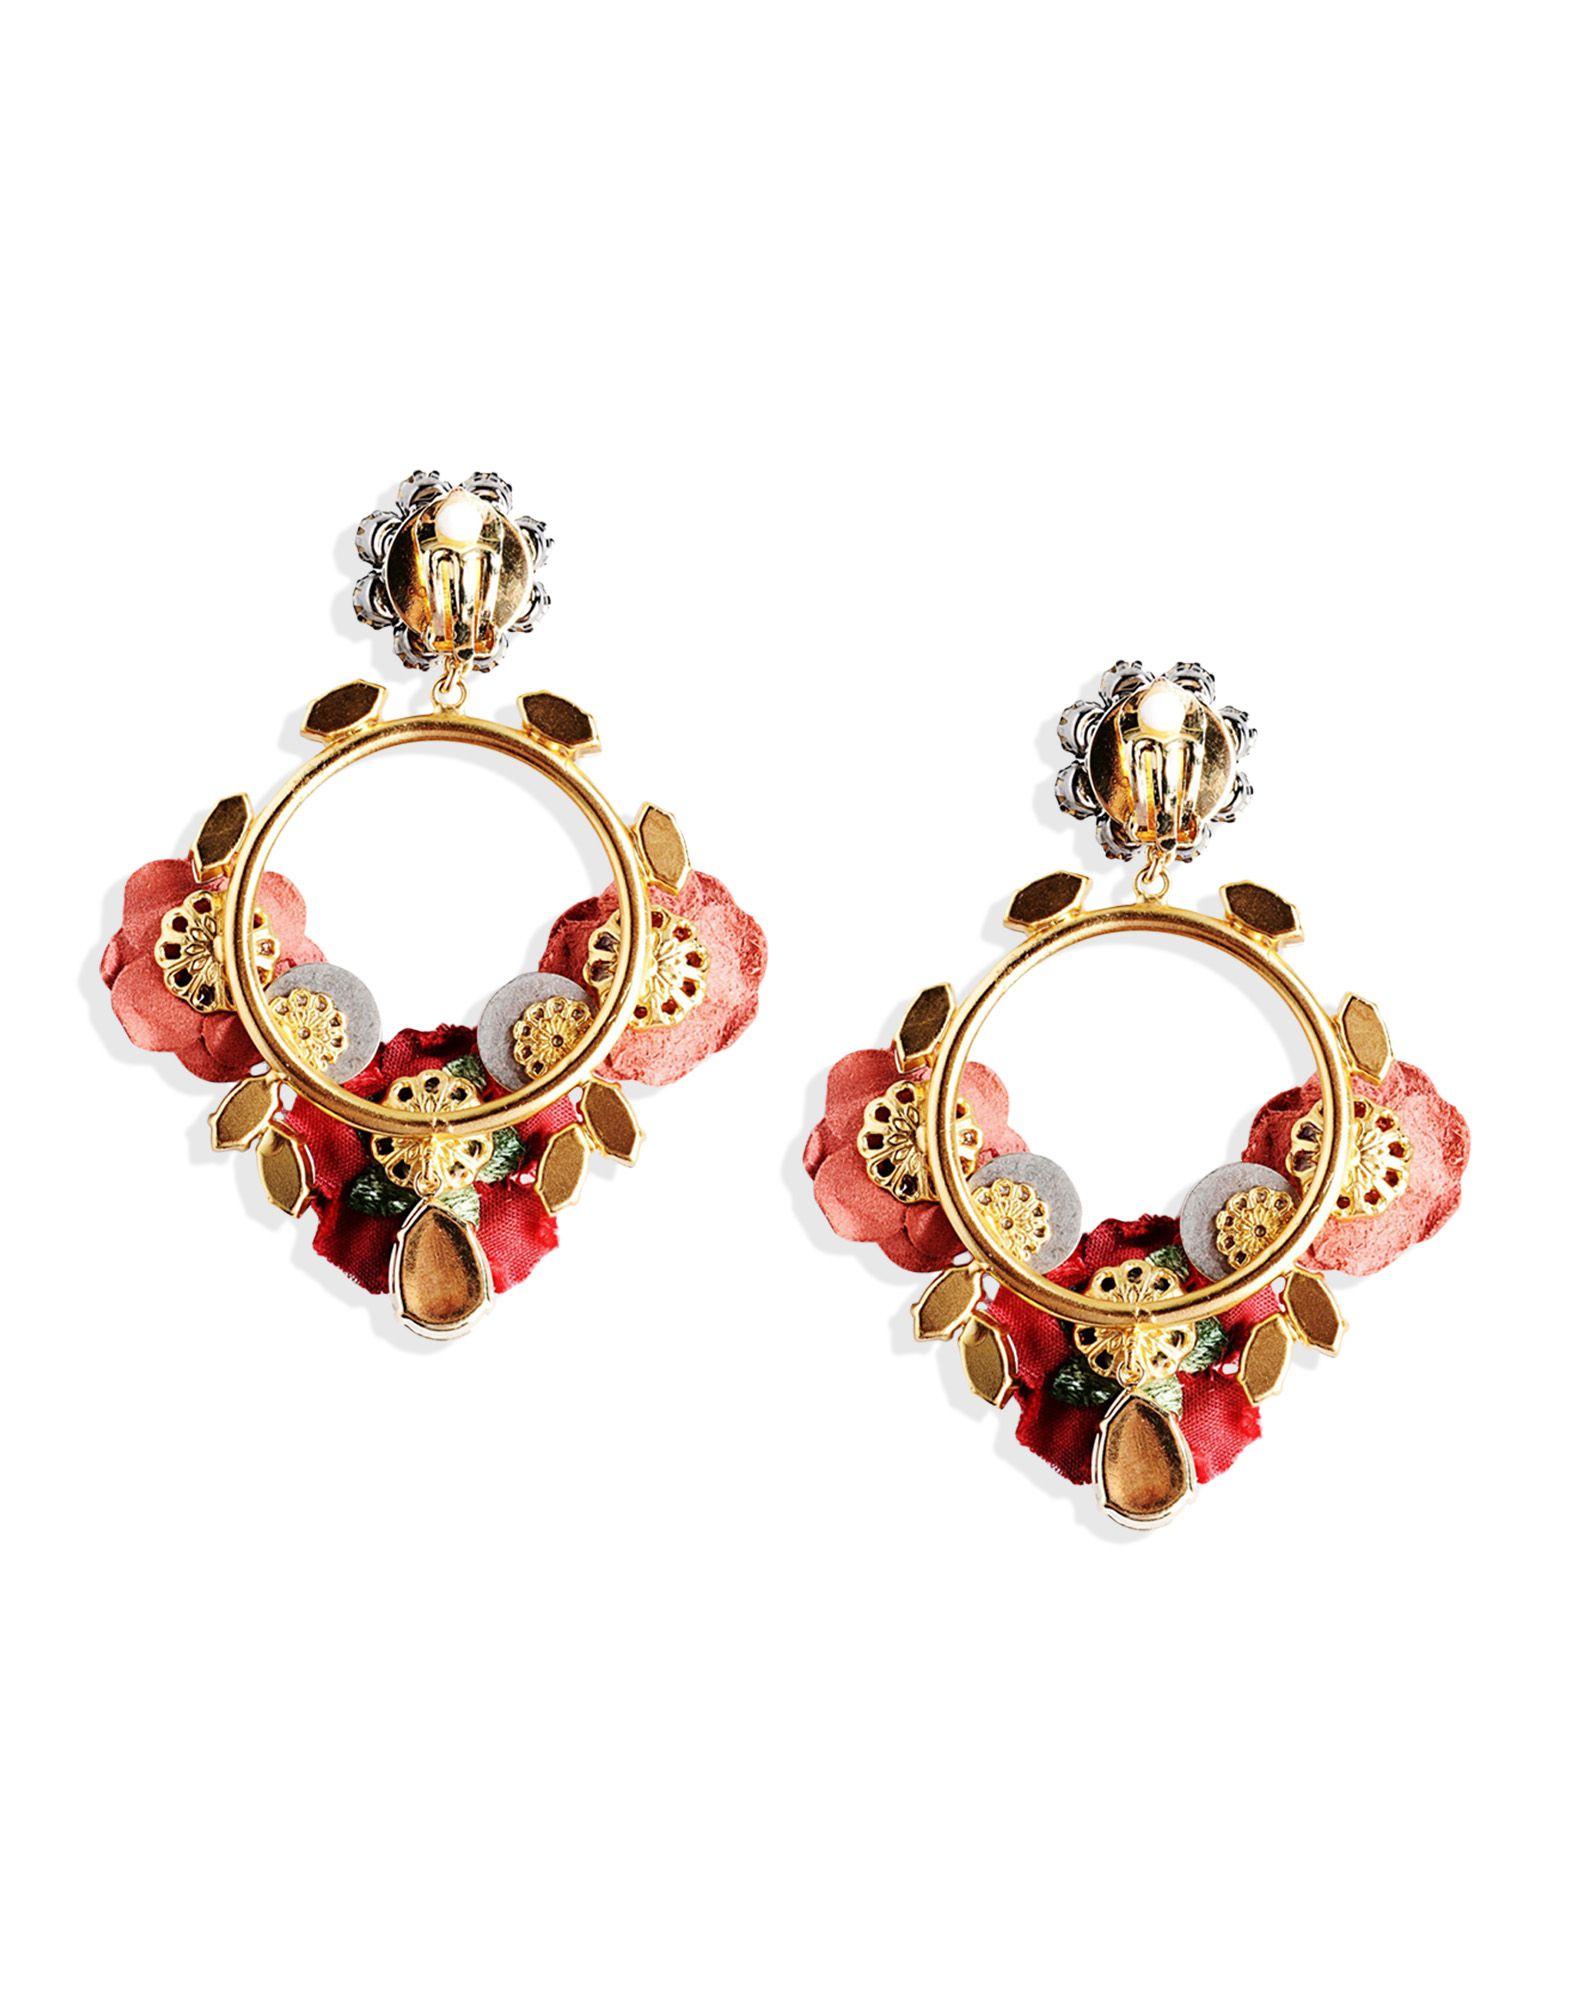 Dolce & gabbana Earrings in Red